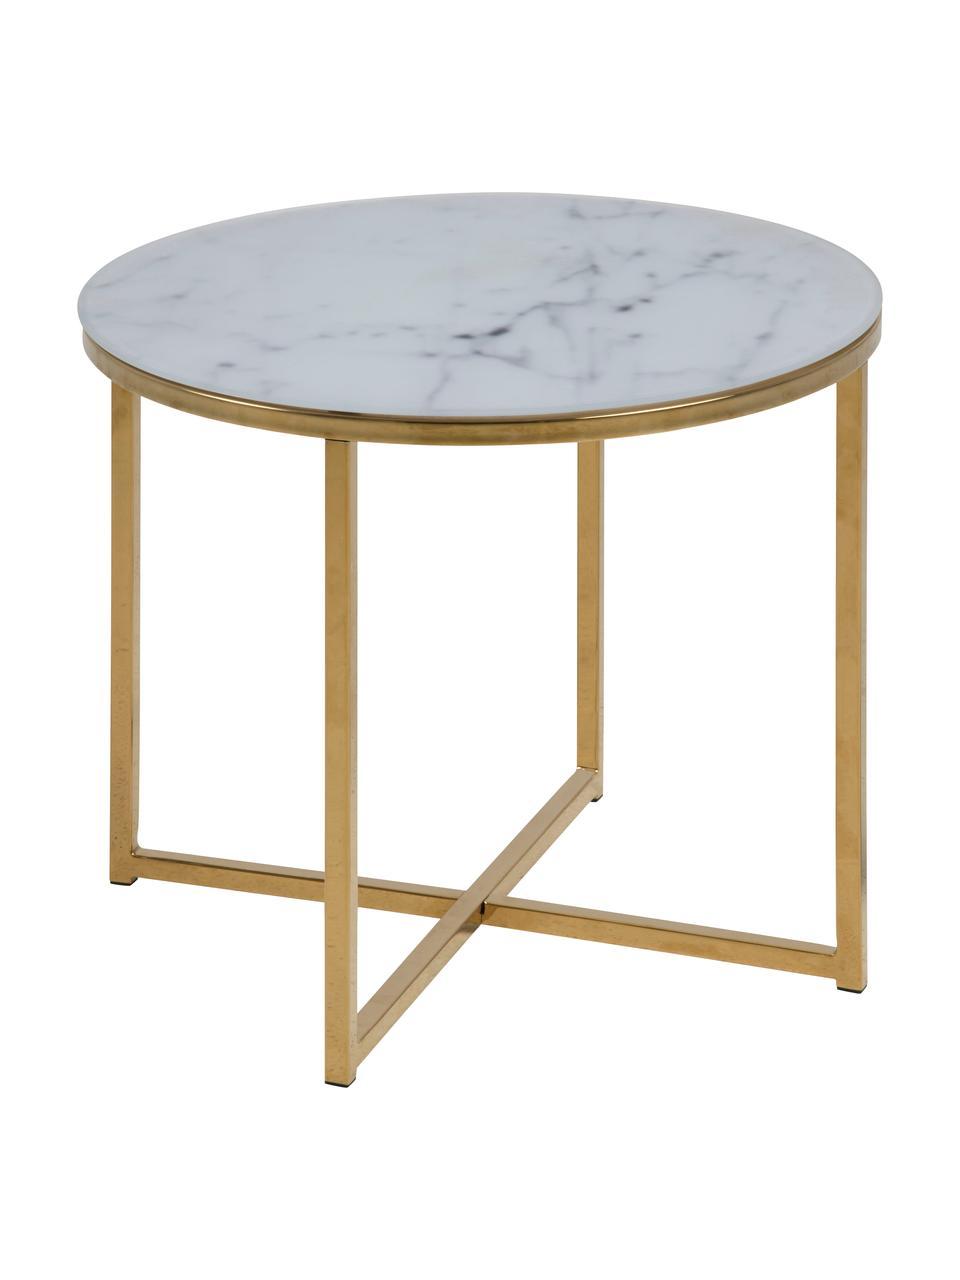 Table d'appoint en verre marbré Aruba, Blanc, laiton